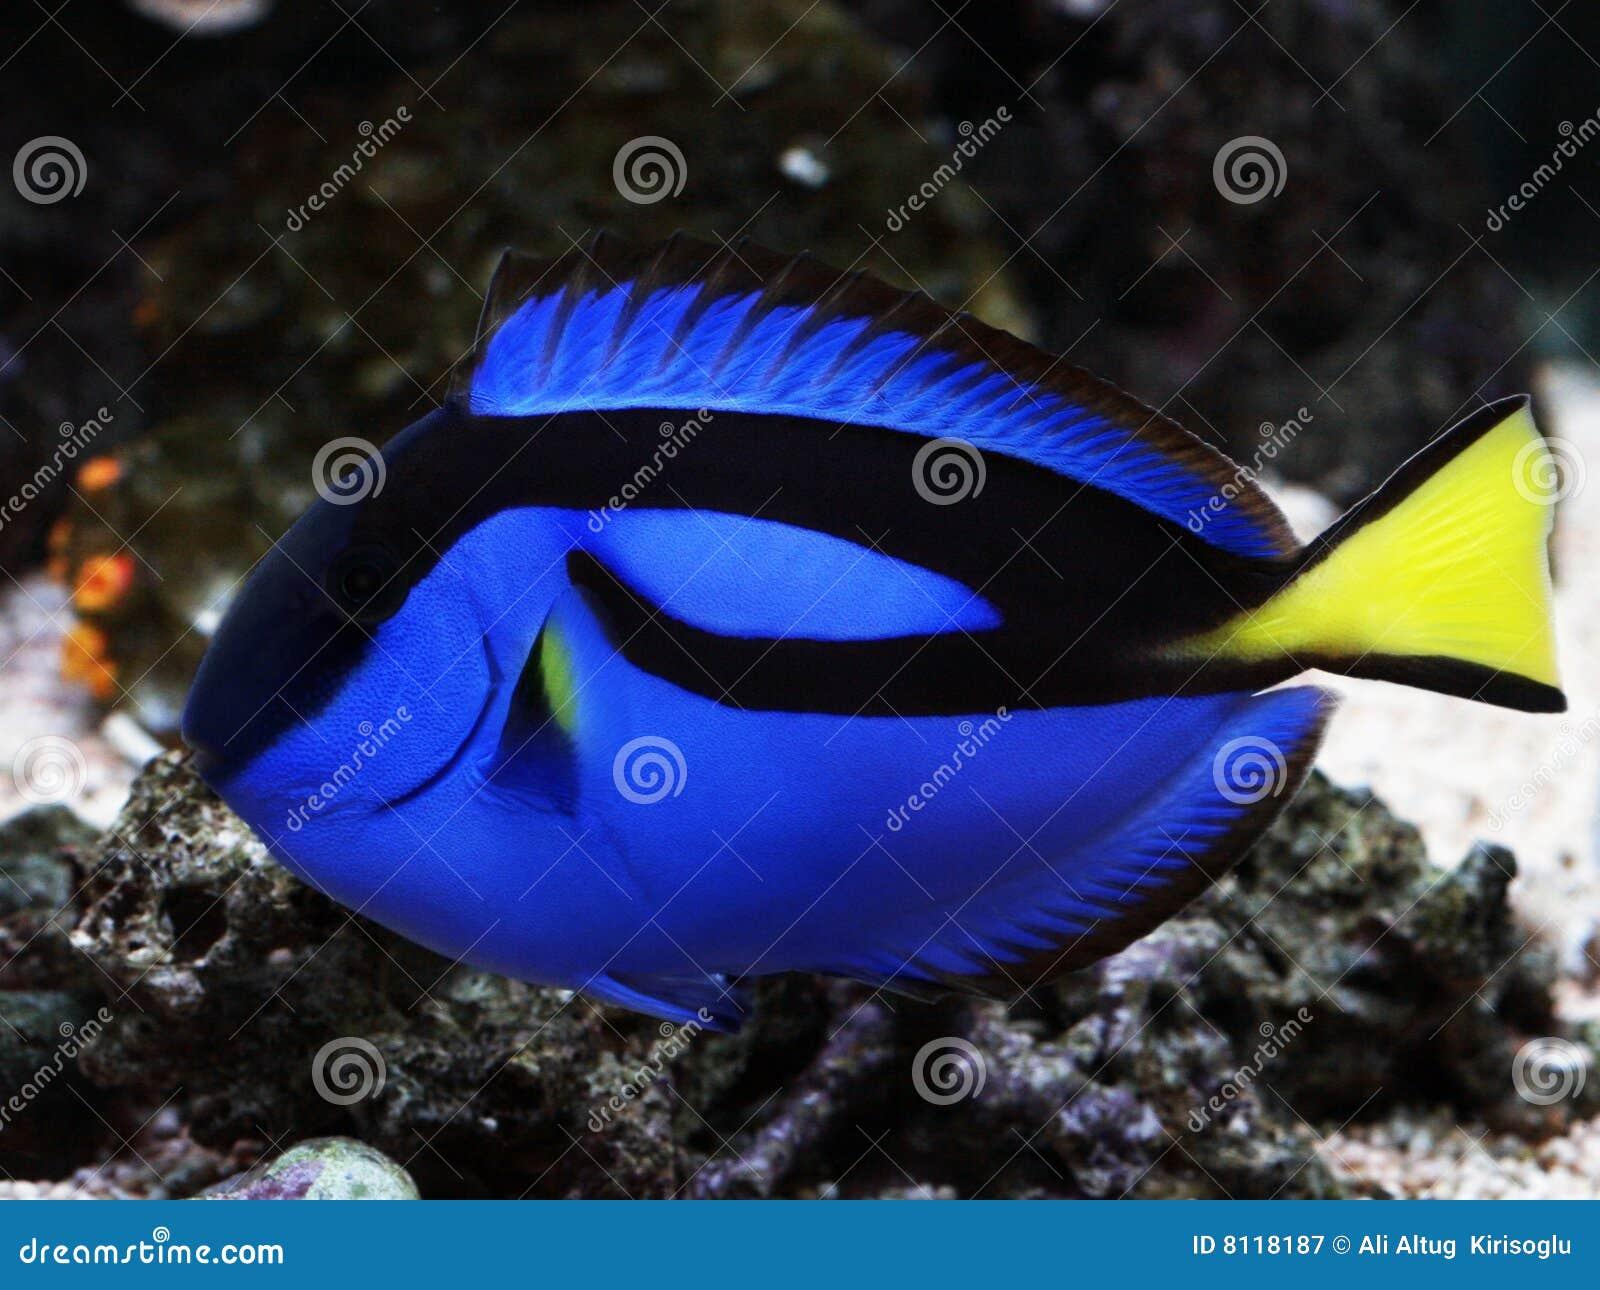 μπλε βασιλοπρεπής γεύση paracanthurus hepatus